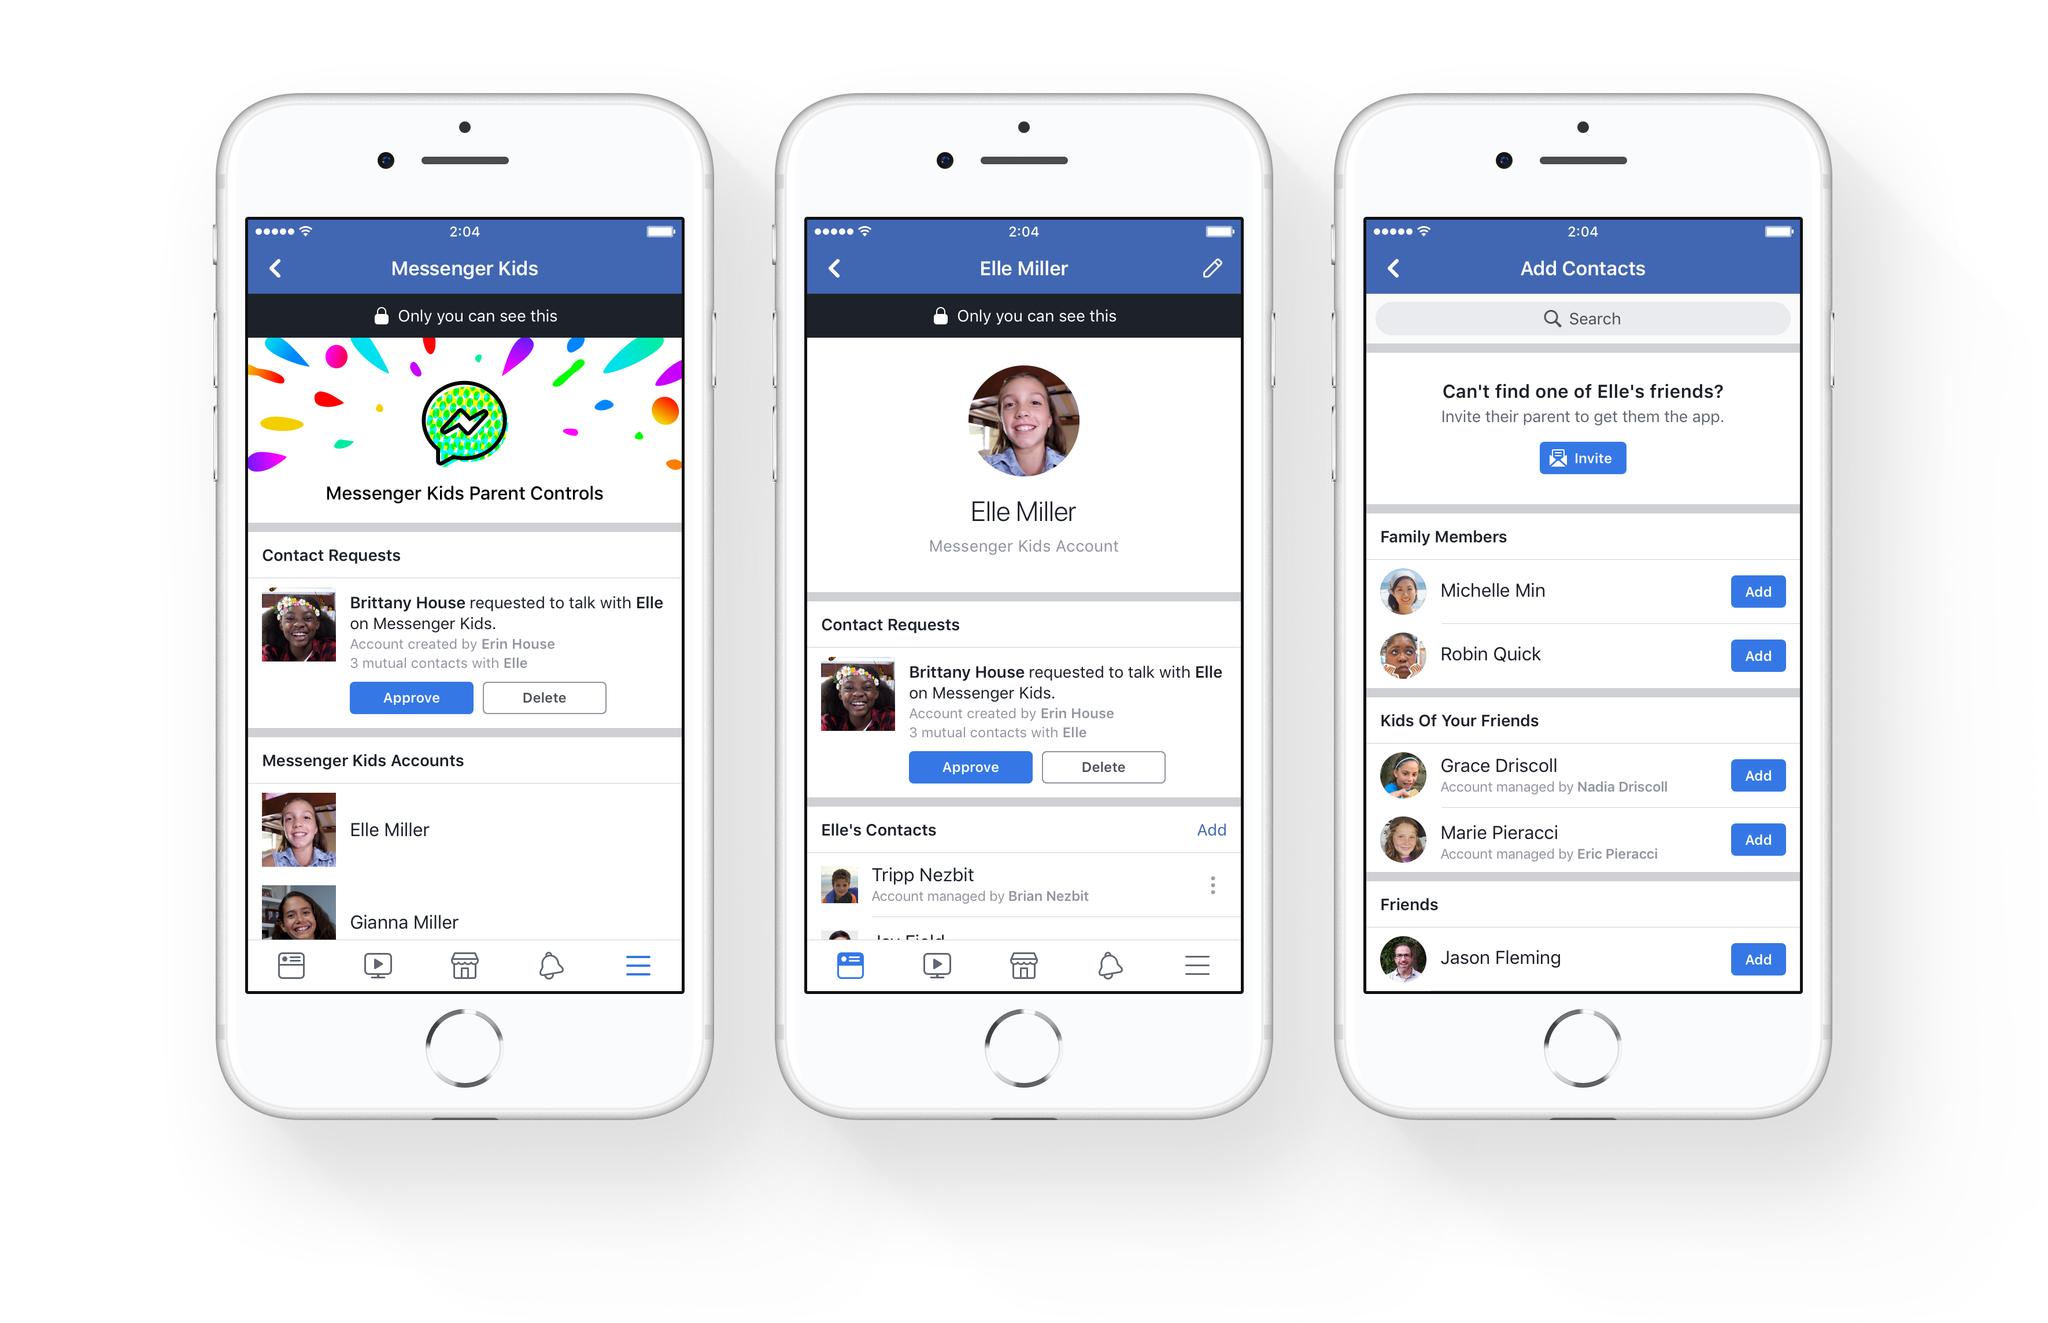 Facebook сделала еще одну версию приложения Facebook Messenger – для детей